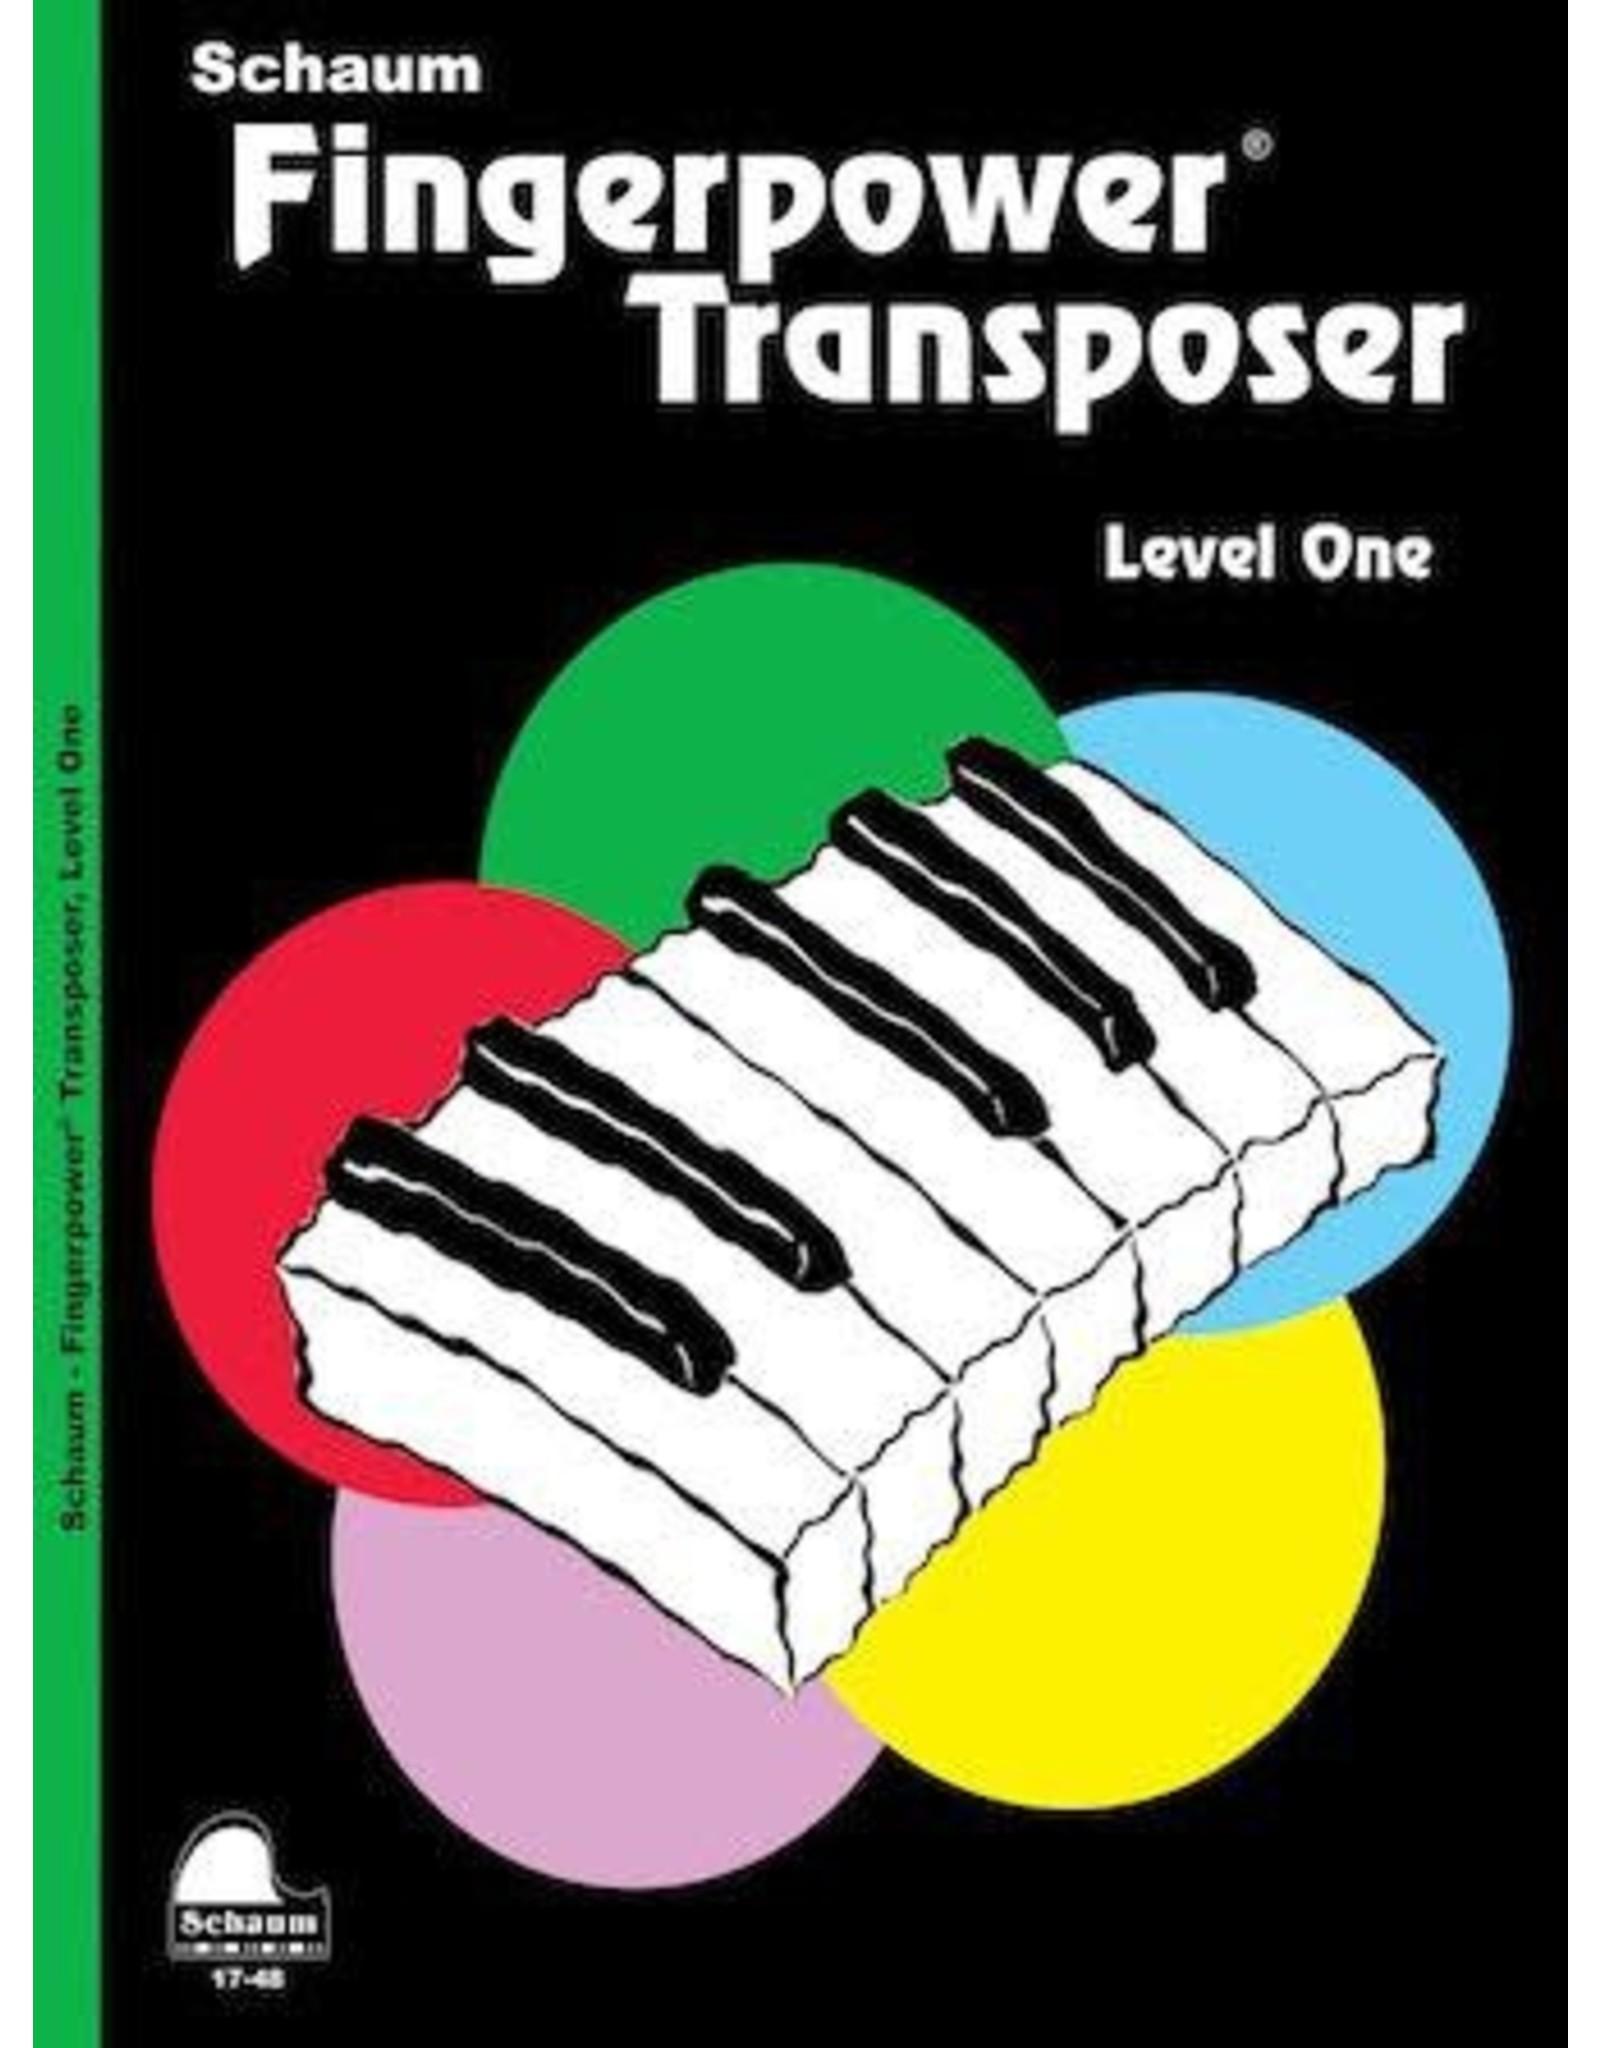 Hal Leonard Schaum Fingerpower Transposer Level 1